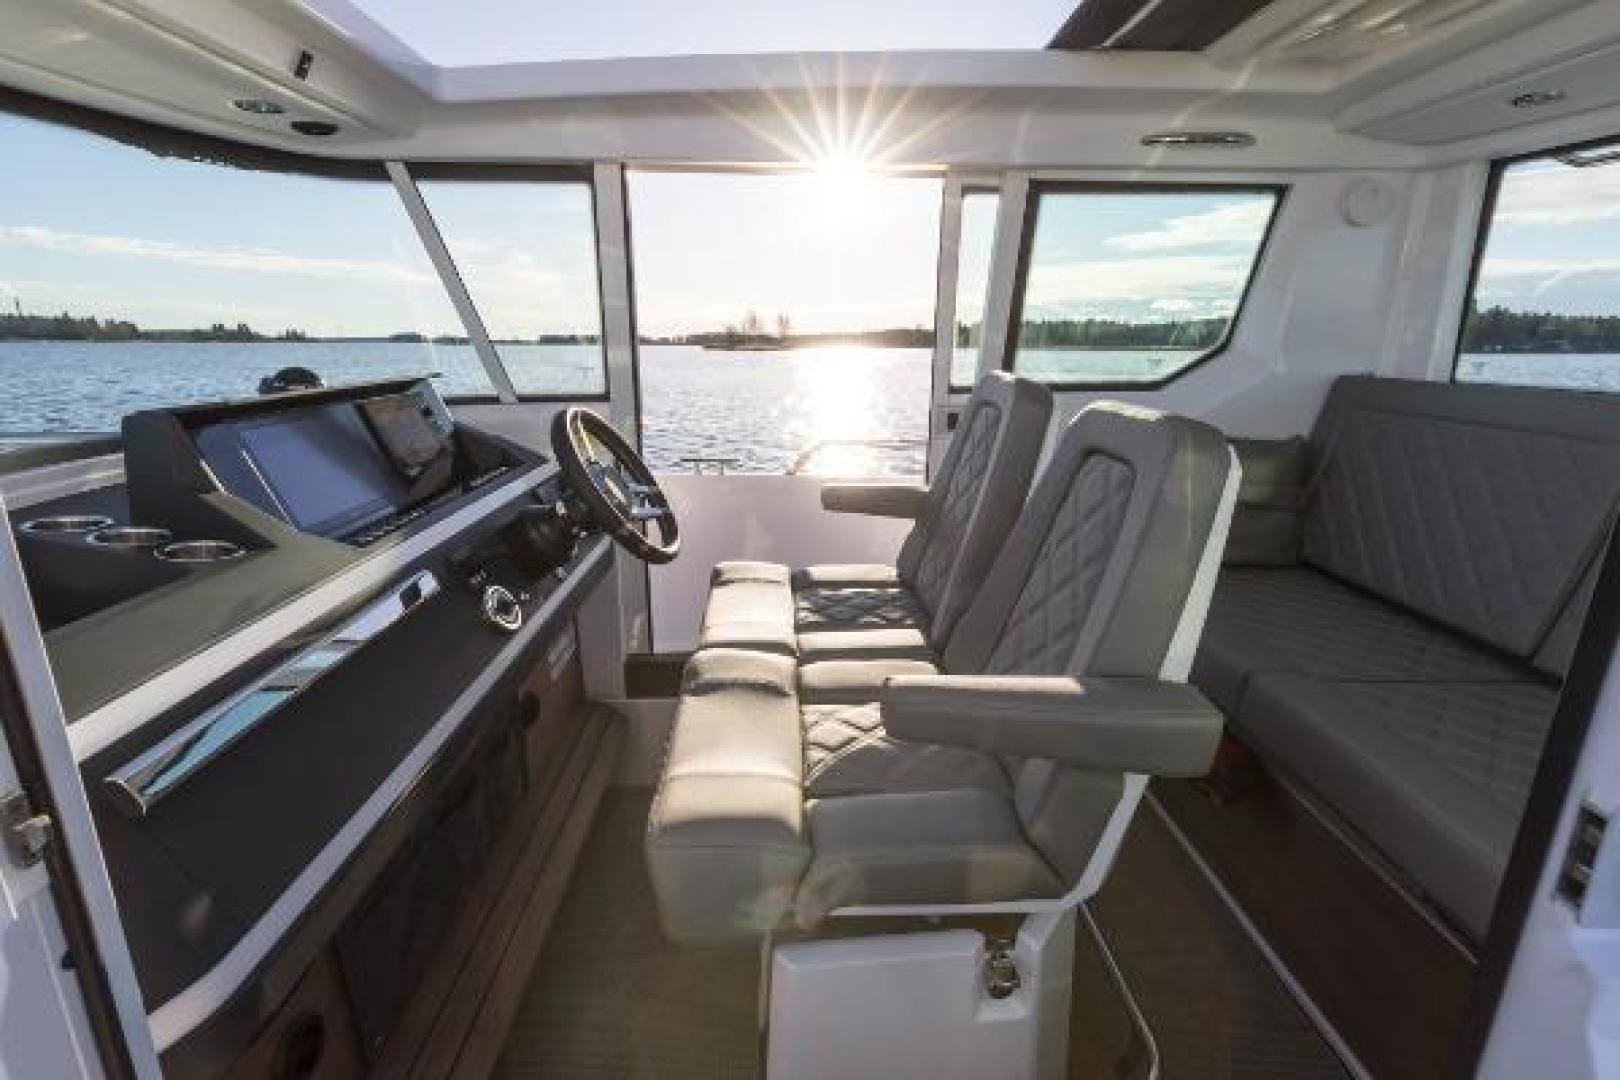 Axopar-28 CABIN 2021-Axopar 28 CABIN Palm Beach-Florida-United States-1531652 | Thumbnail